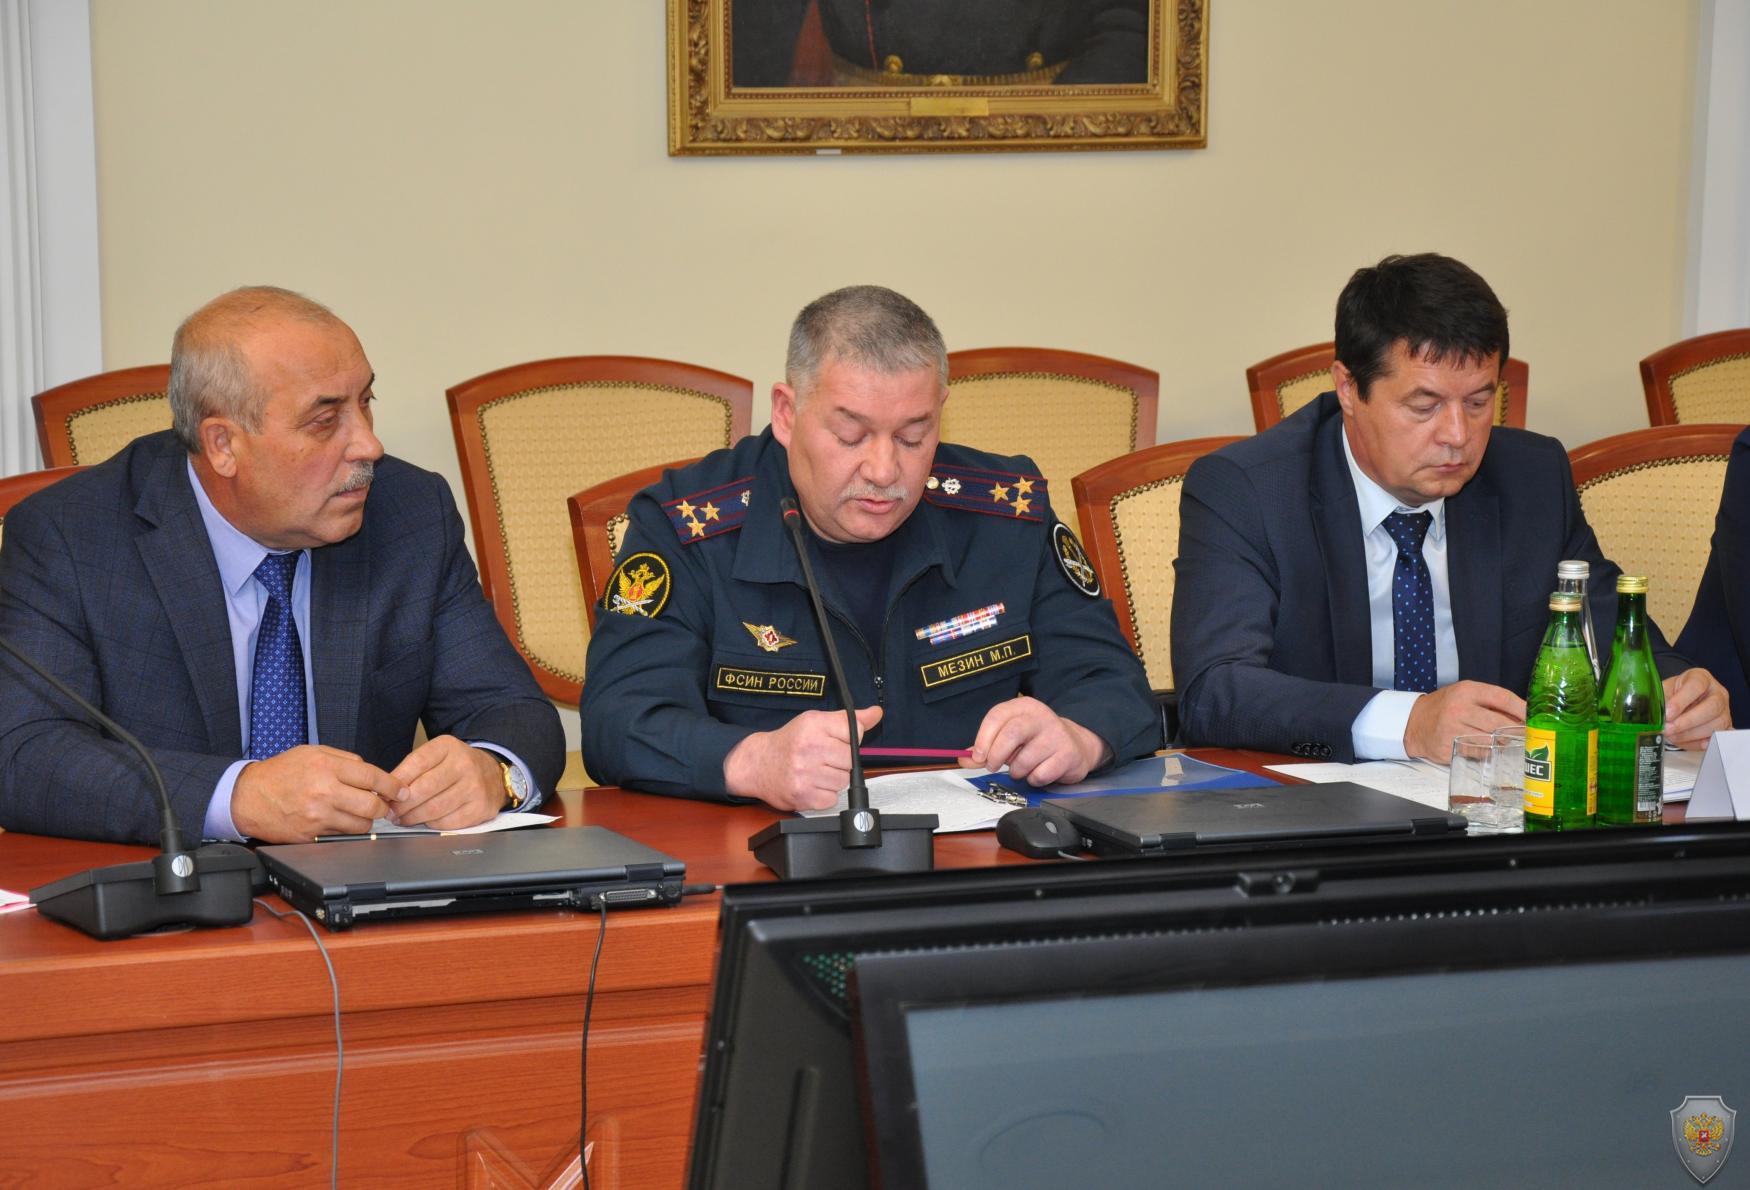 Выступление первого заместителя начальника Управления ФСИН РФ по РМ Мезина М.П.